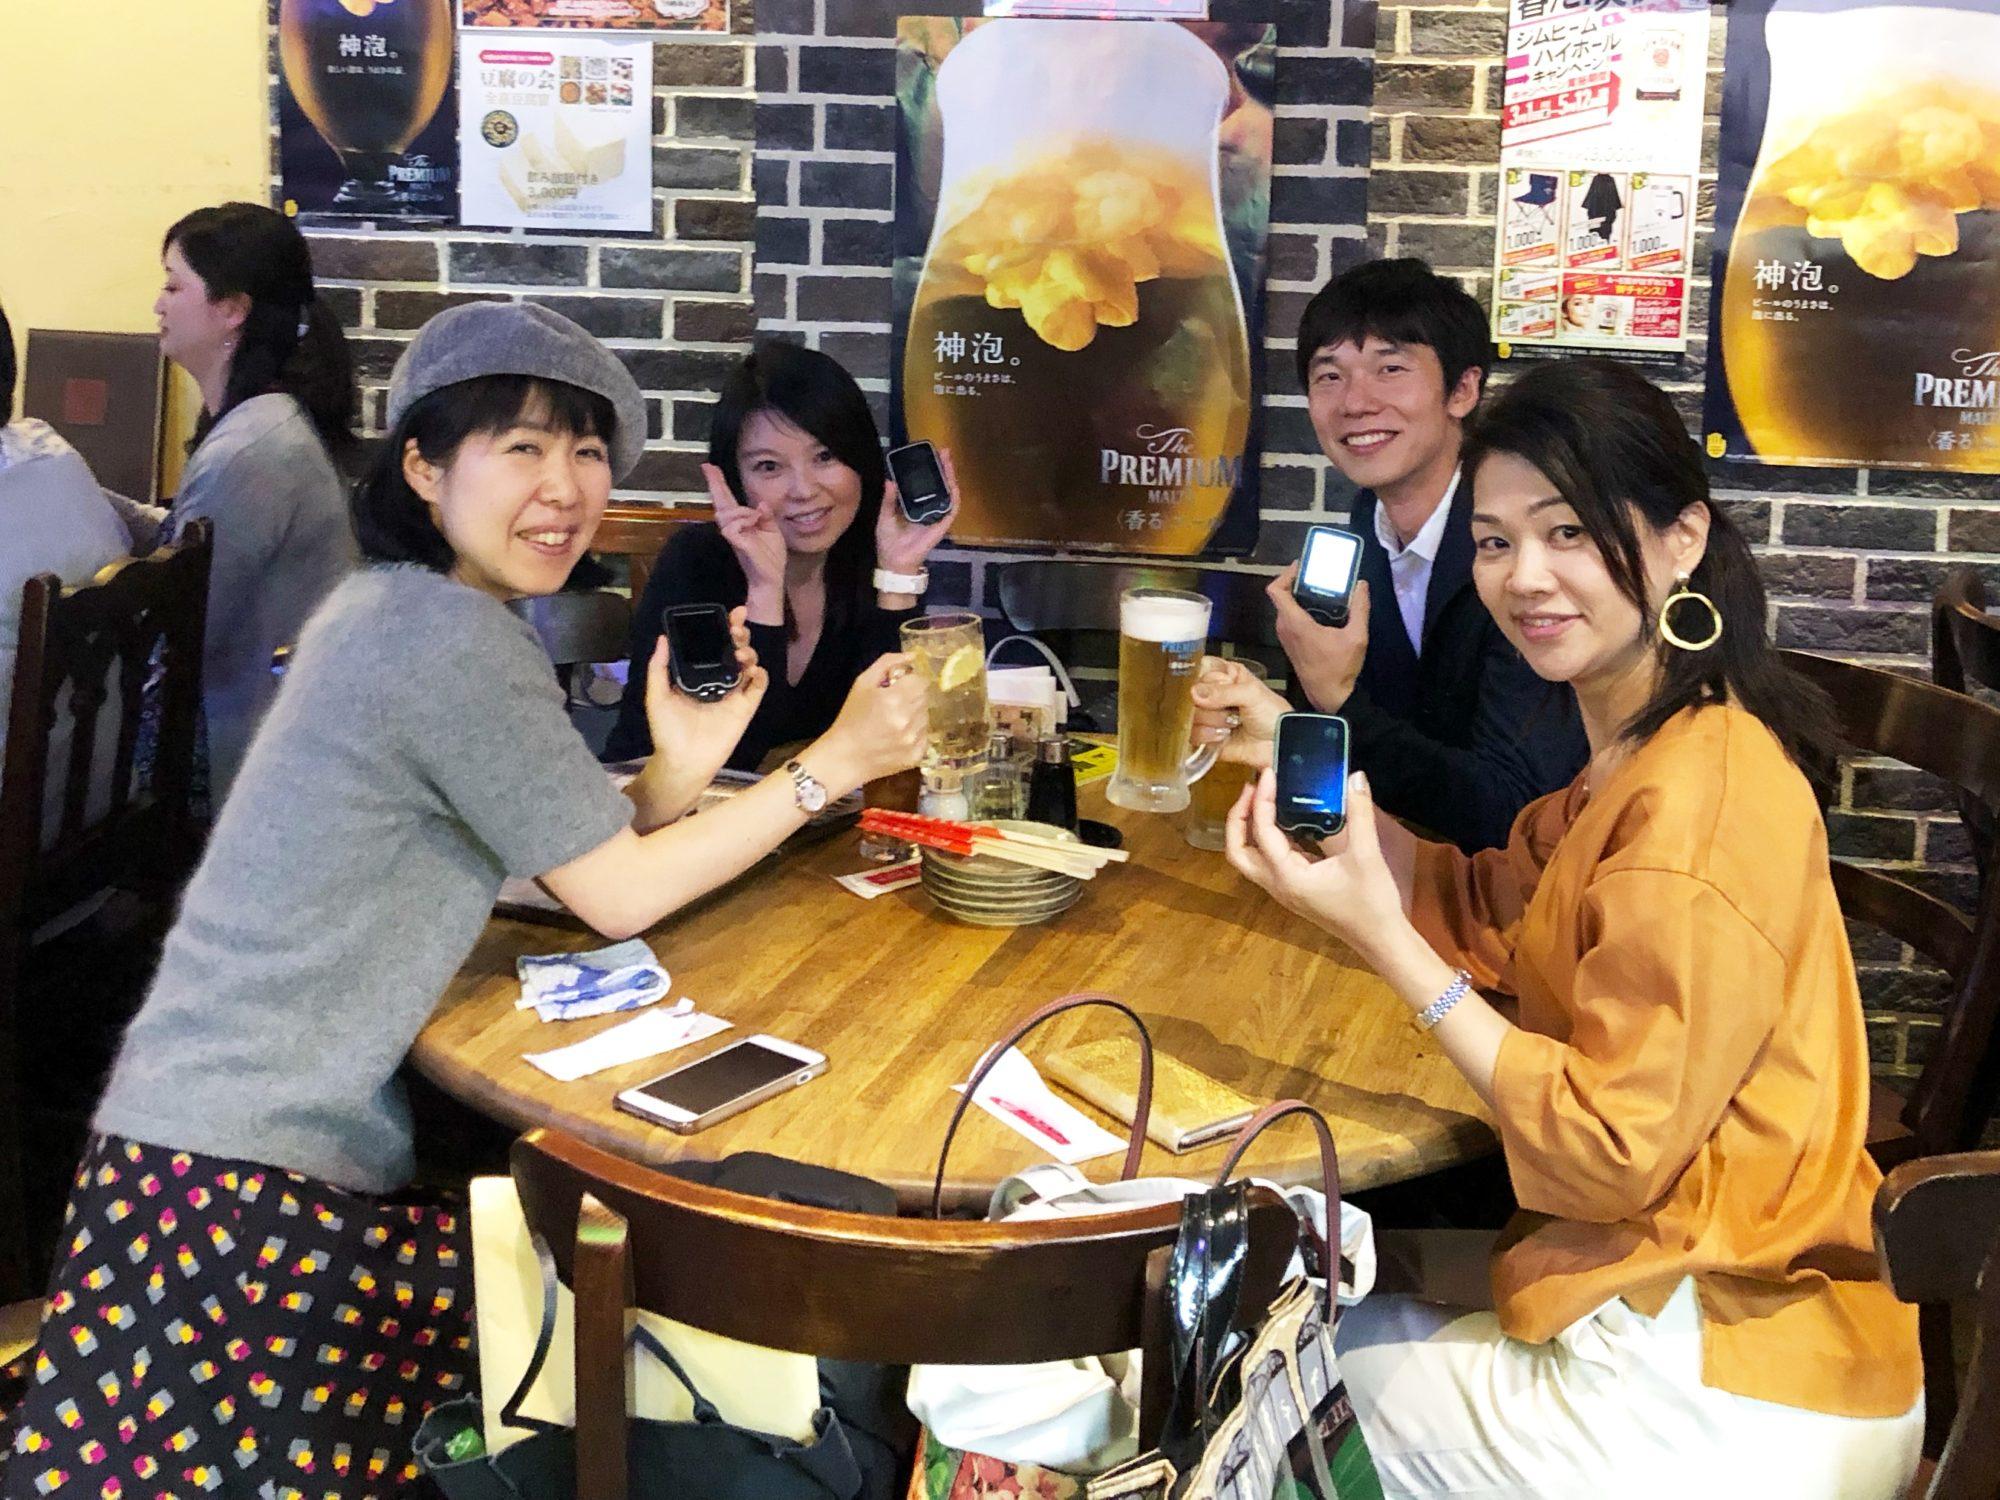 血糖値ワークショップ準備で昼食を食べそびれつつも無事開催し、懇親会で中華を愉しんだ1日|糖尿病内科医のフリースタイルリブレ自己血糖記録